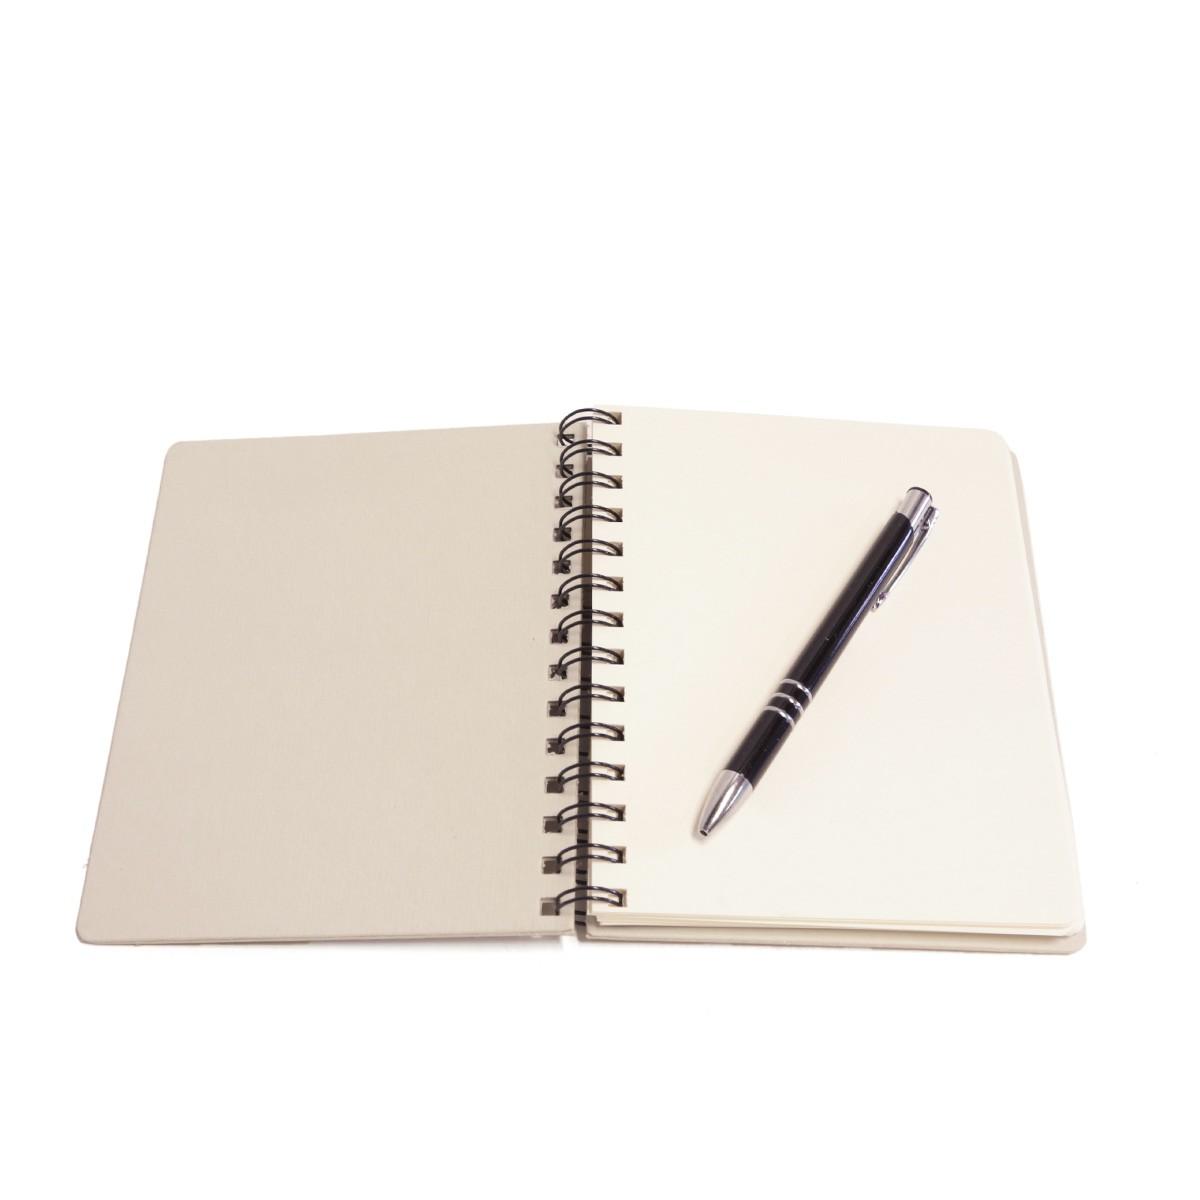 Caderno wire-o com caneta (Montana Gelo)